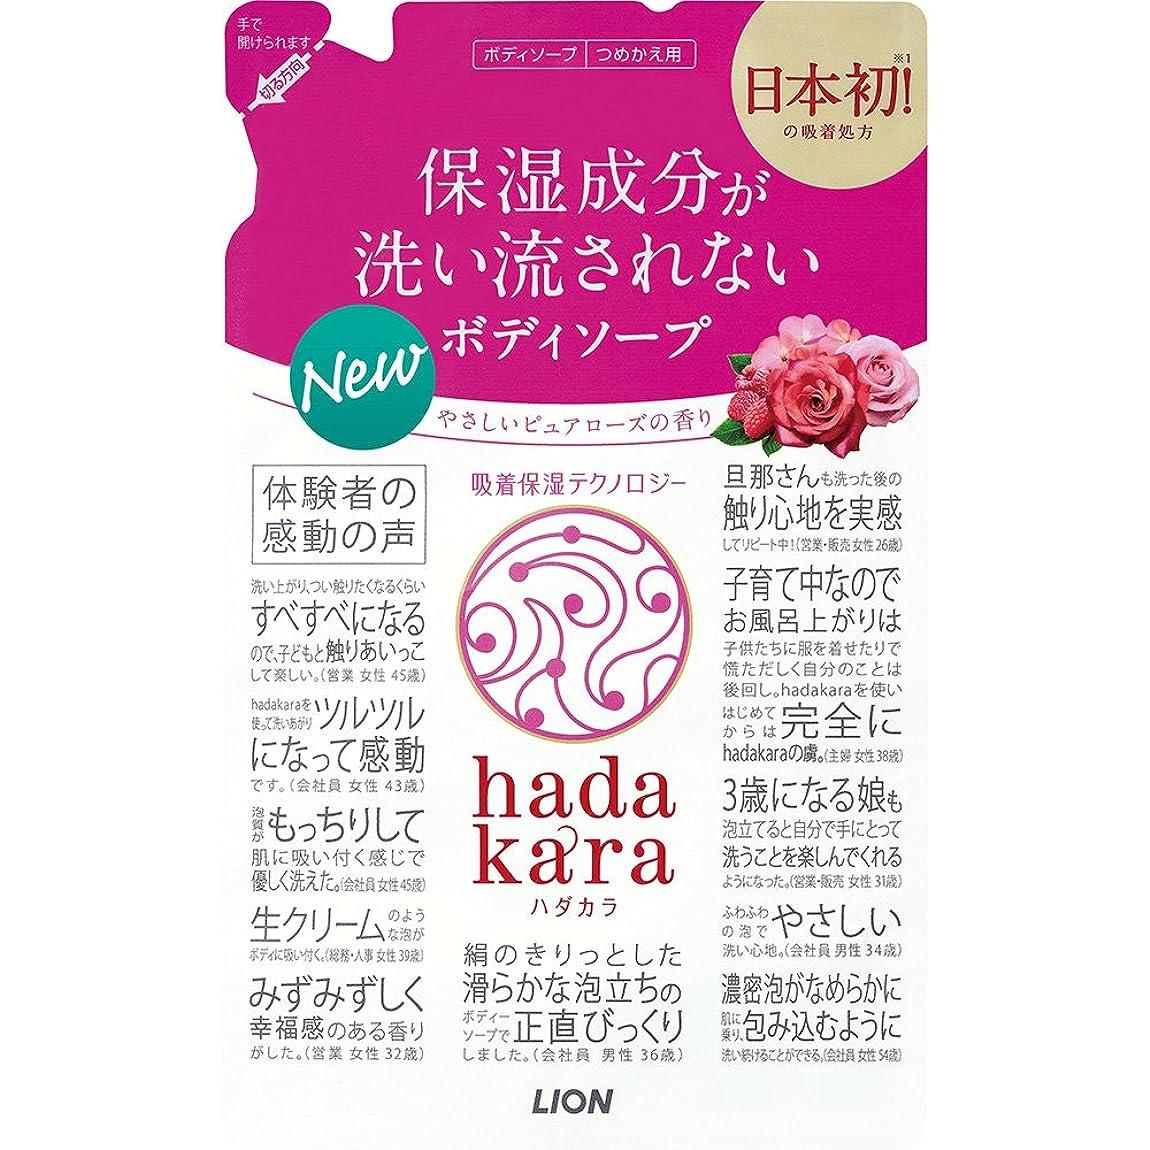 九着服相談するhadakara(ハダカラ) ボディソープ ピュアローズの香り 詰め替え 360ml